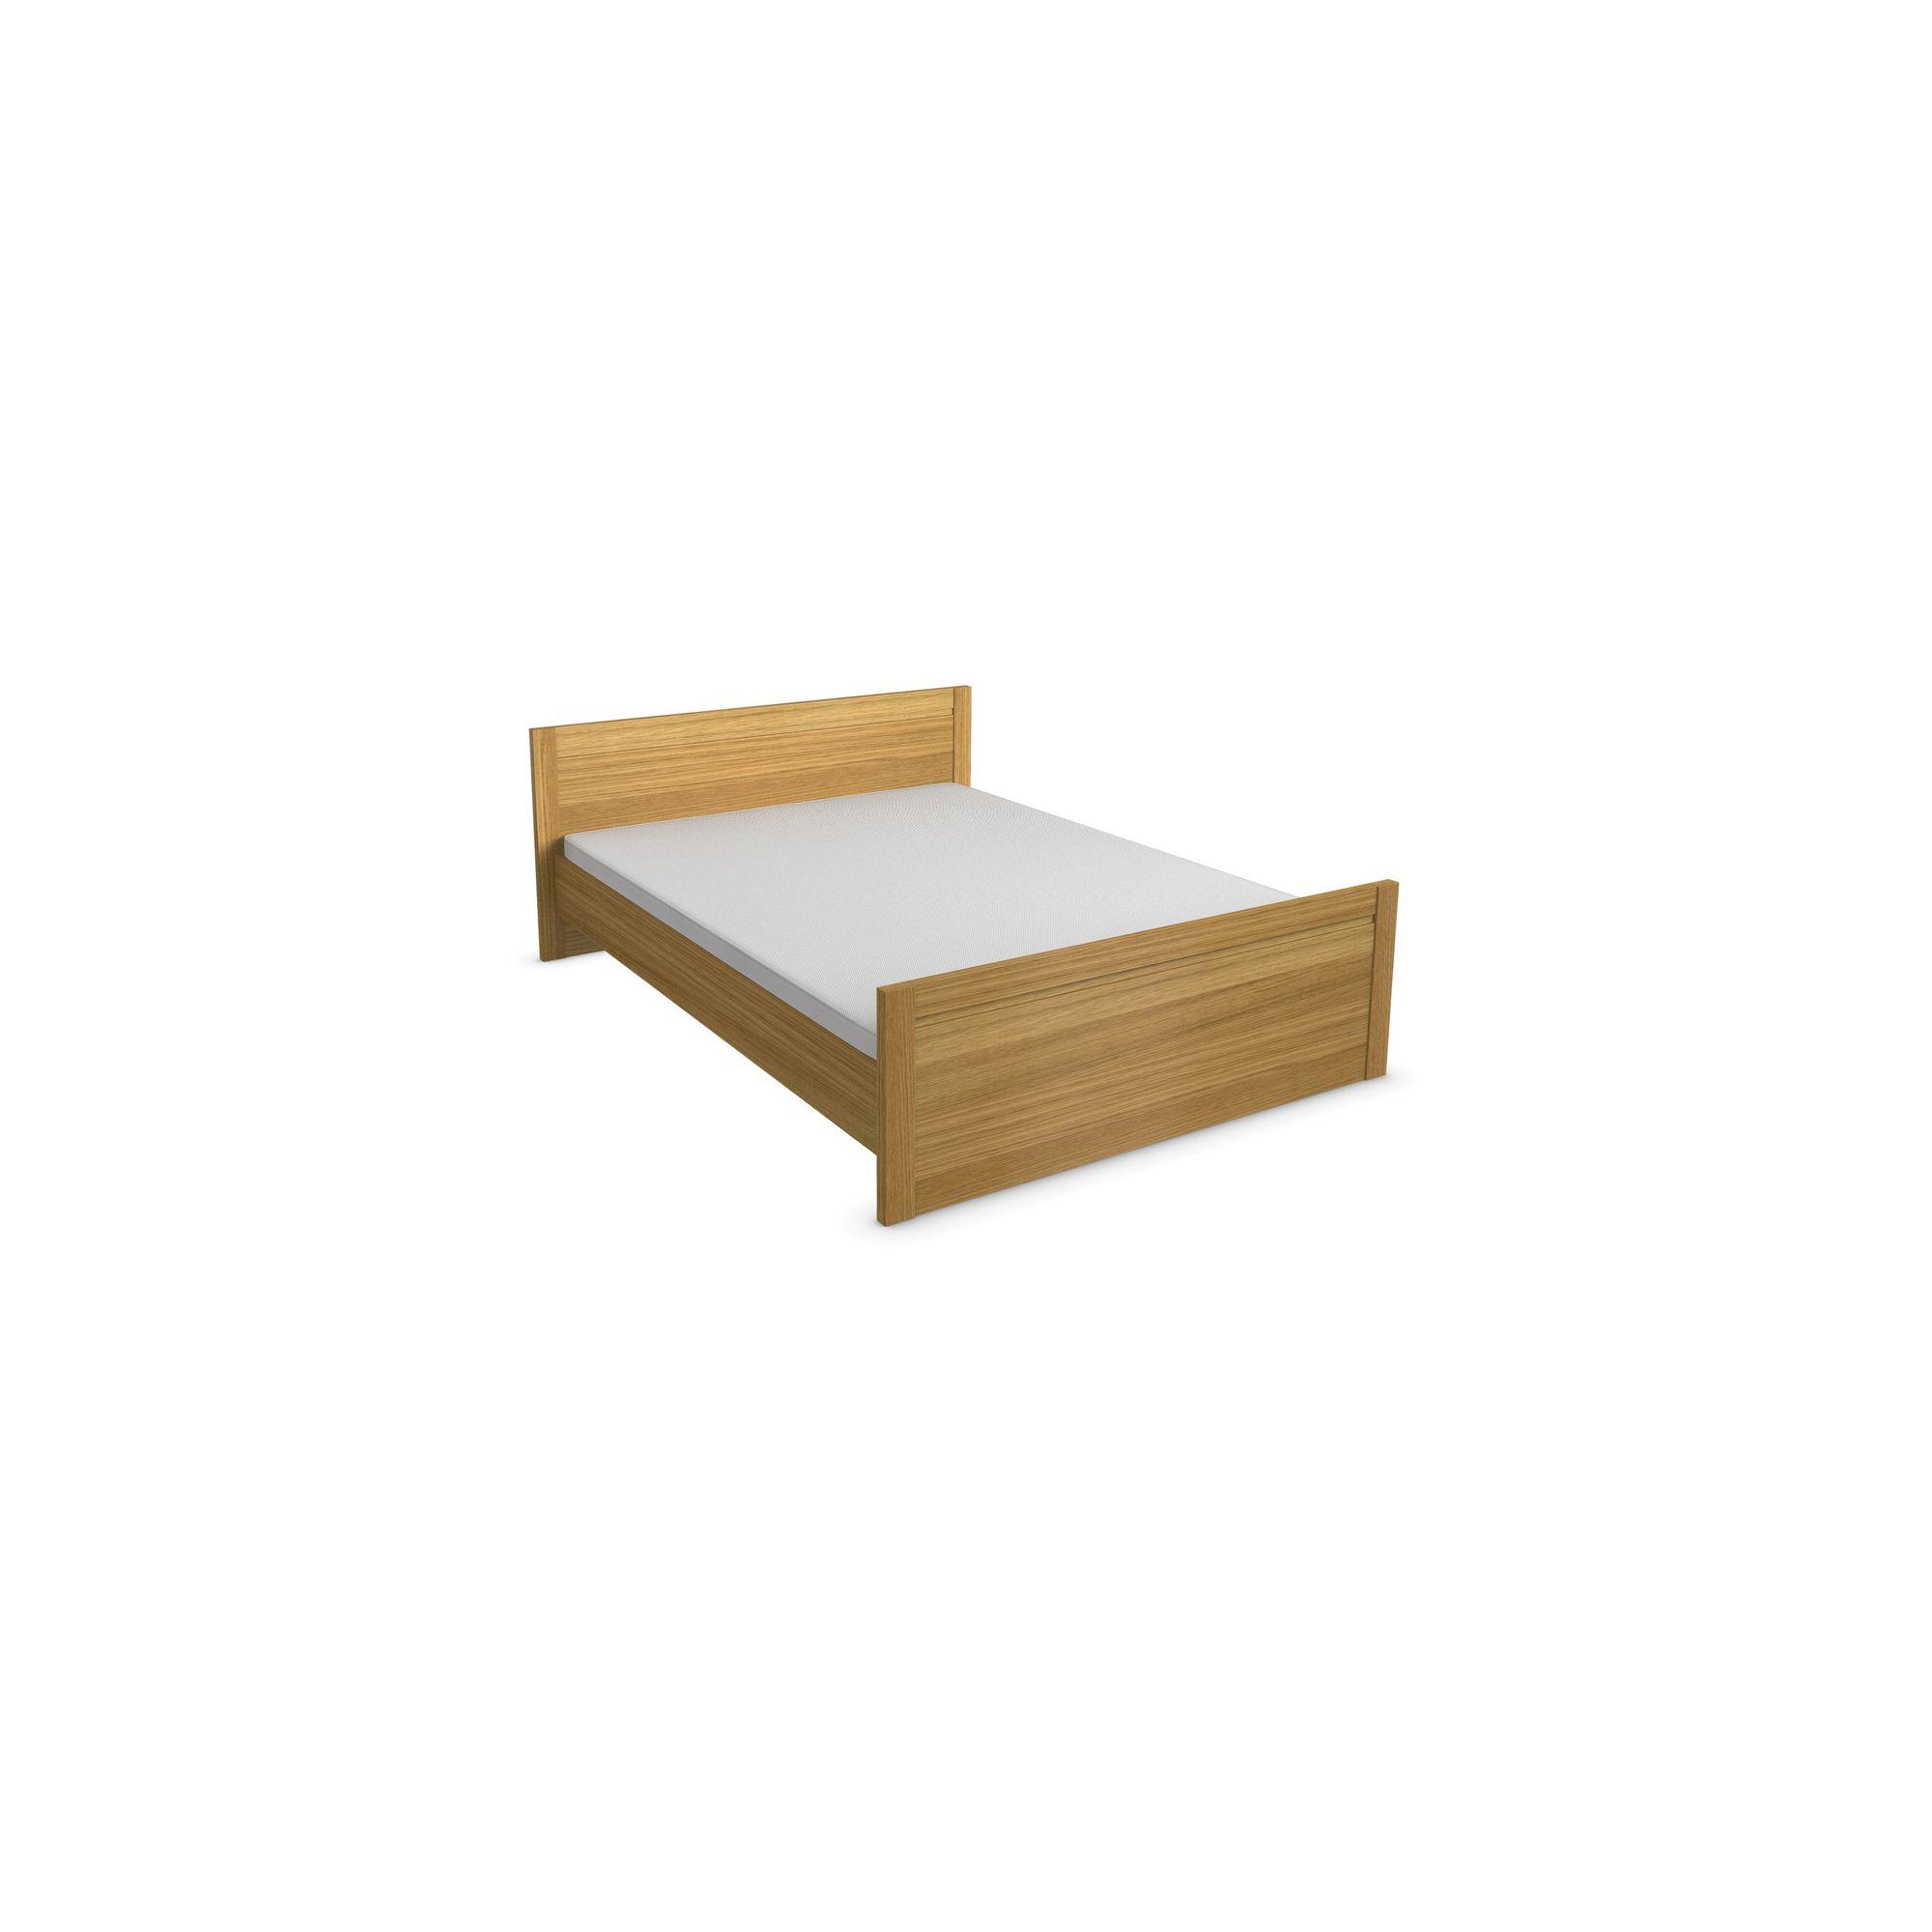 Urbane Designs Tango Bed Frame - King - Oak at Tesco Direct